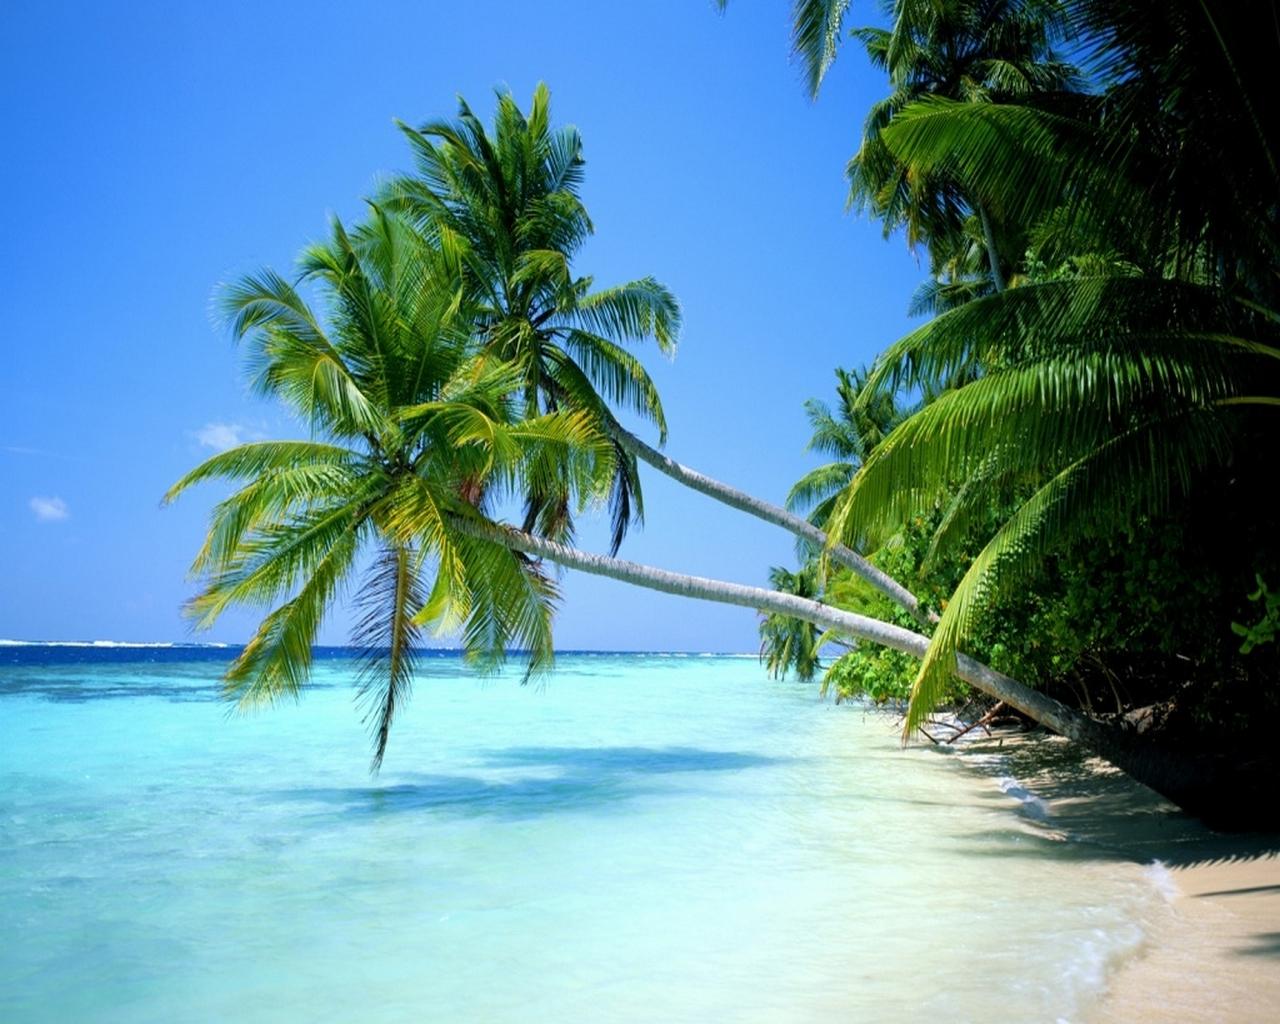 http://4.bp.blogspot.com/-iizs4SZxD2I/T7DiiVwLOlI/AAAAAAAABA4/GAd86Ka9rWo/s1600/fond-ecran-paysage-paradisiaque.jpg